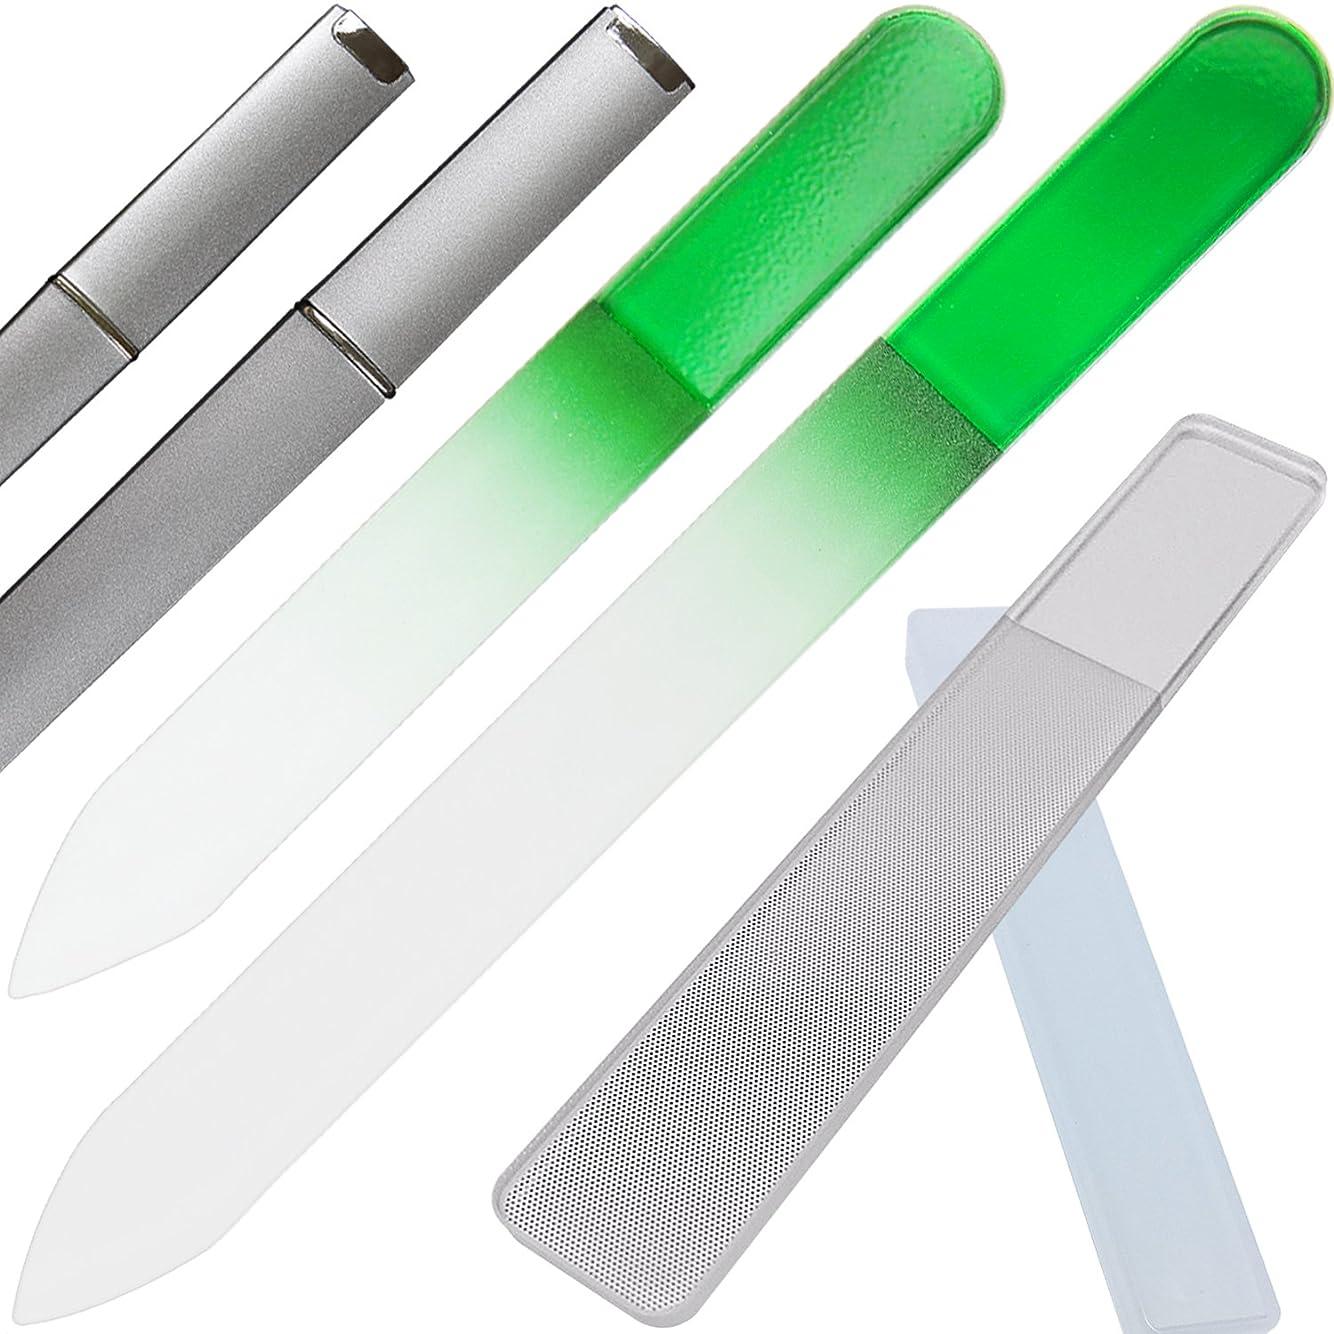 雷雨ありふれた可愛いClarente 爪やすり 爪磨き ガラス製 専用 ケース付 4点セット ネイル ケア